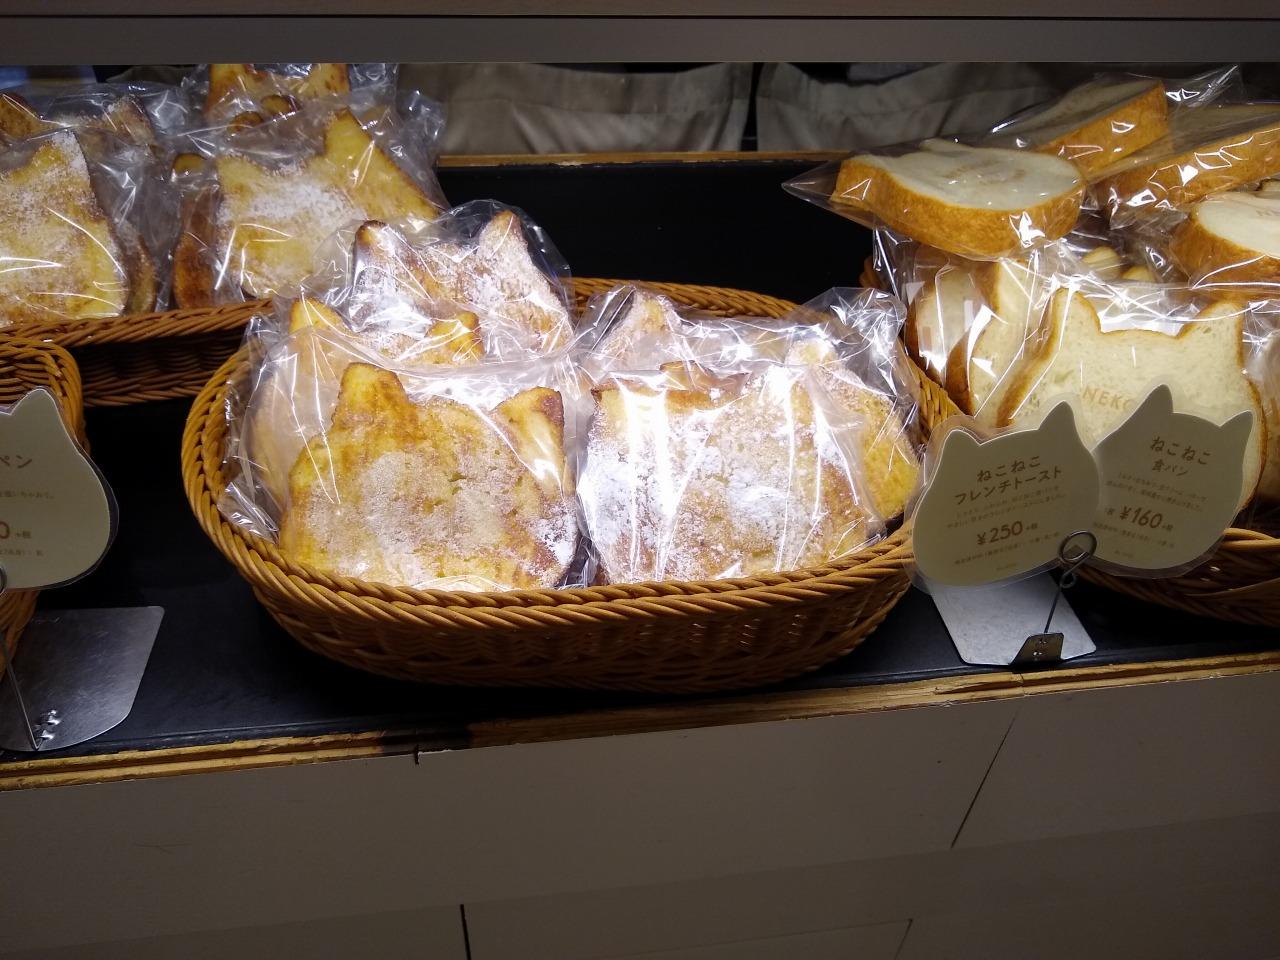 ねこねこ食パンフレンチトースト